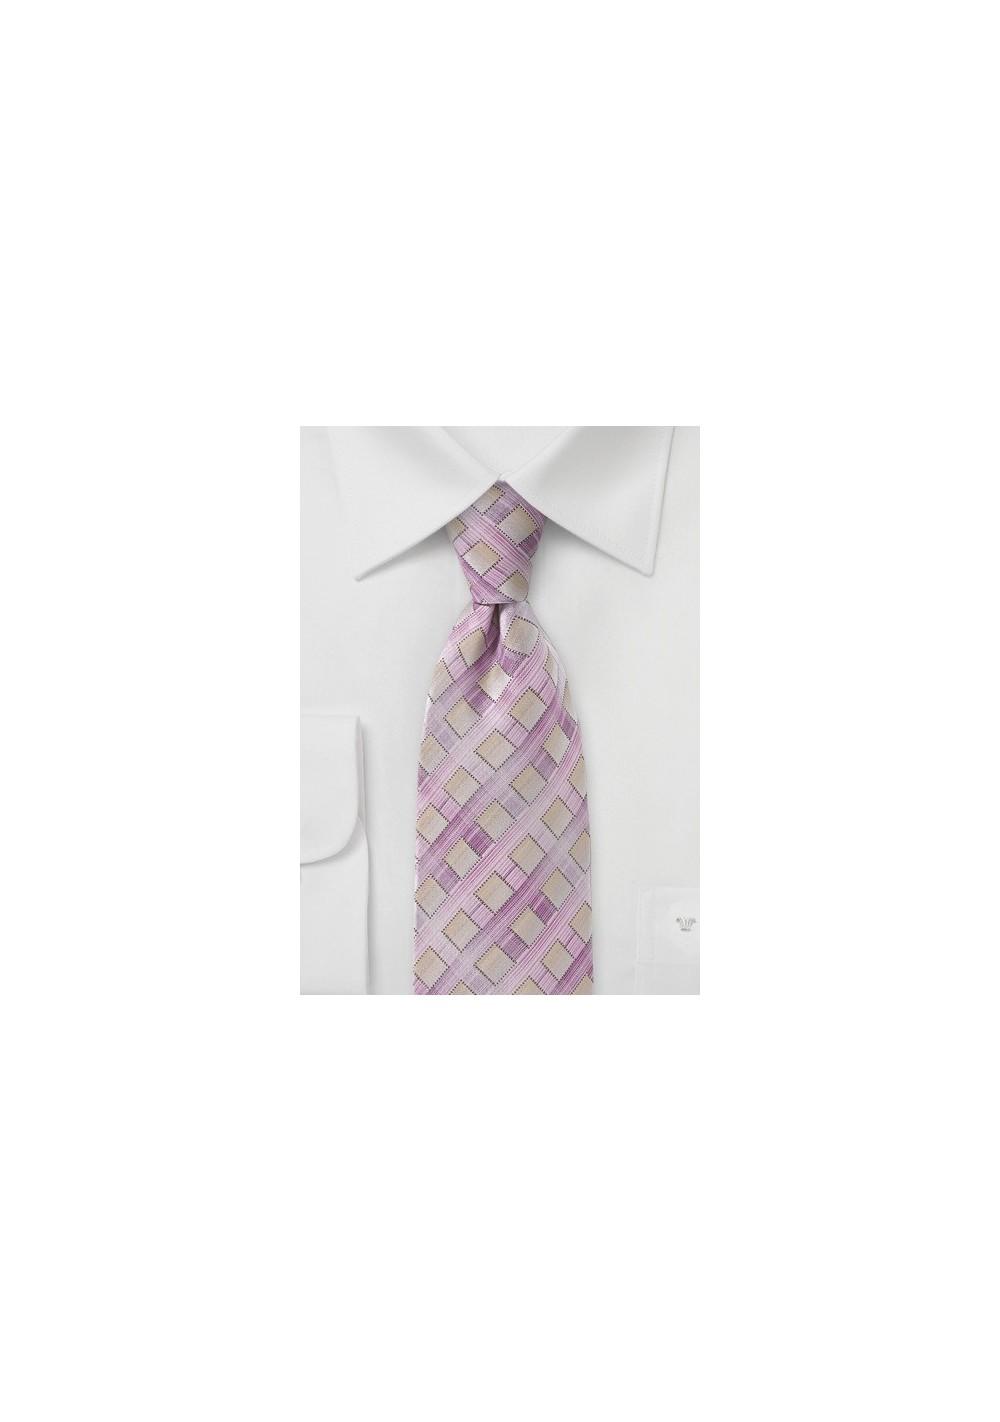 Diamond Patterned Tie in Lilacs